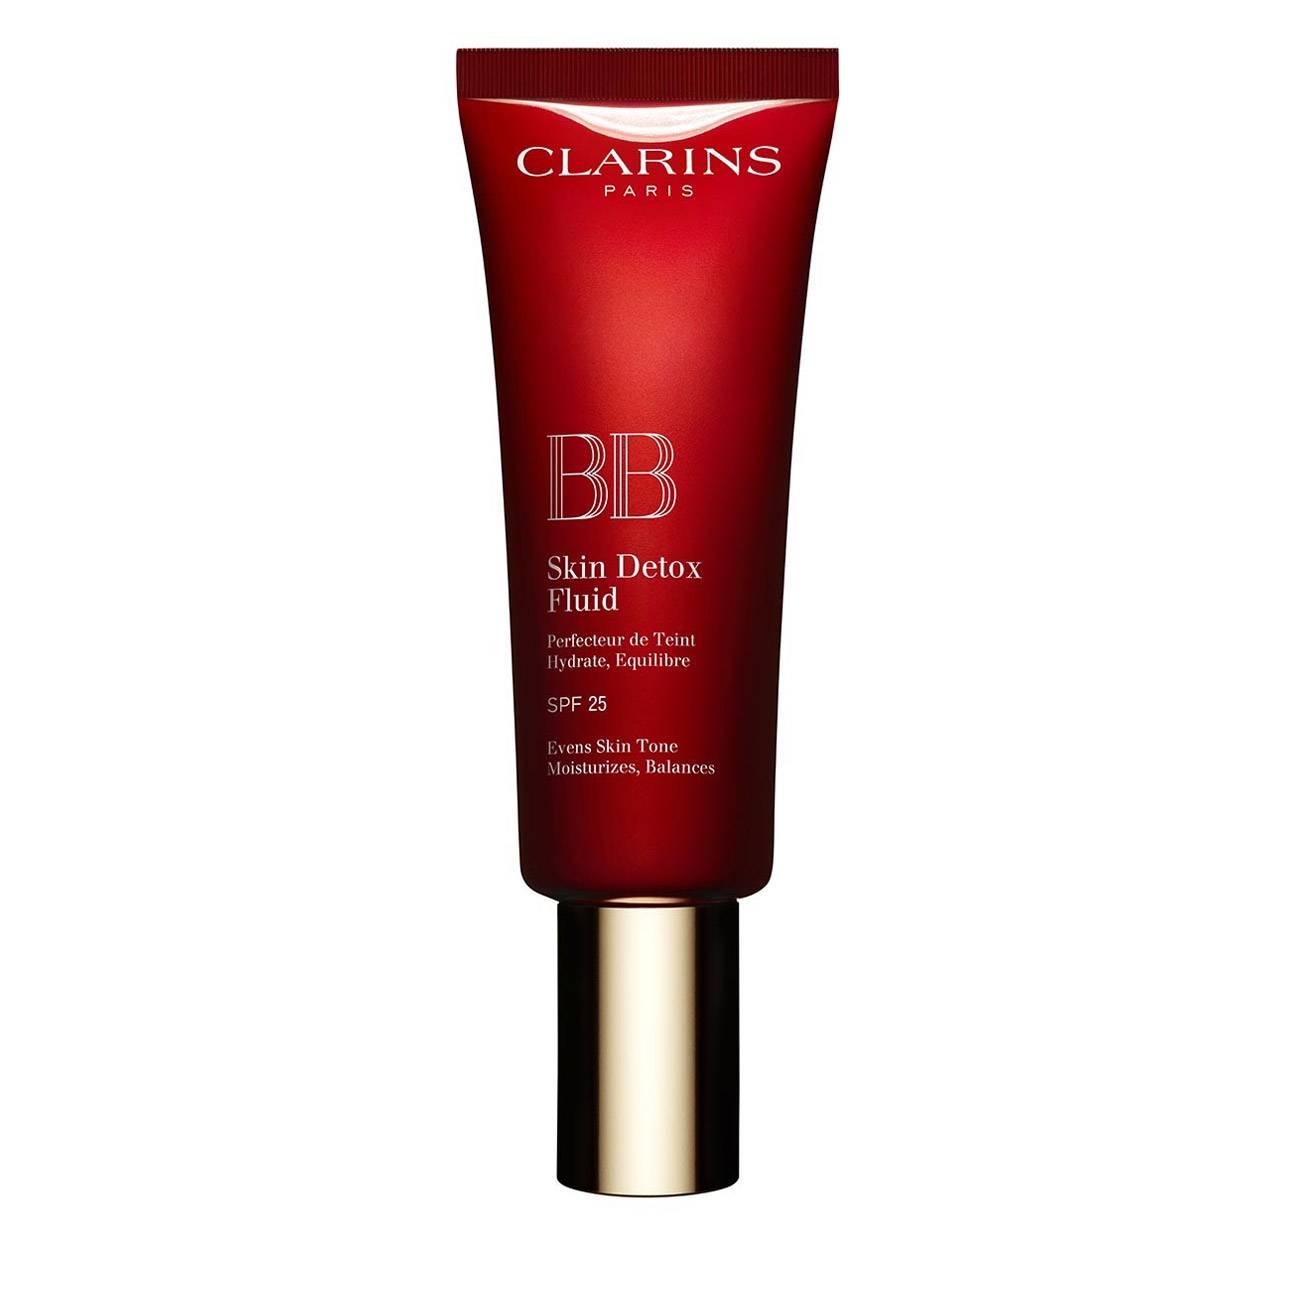 Bb Skin Detox Fluid 02 45 Ml Clarins imagine 2021 bestvalue.eu